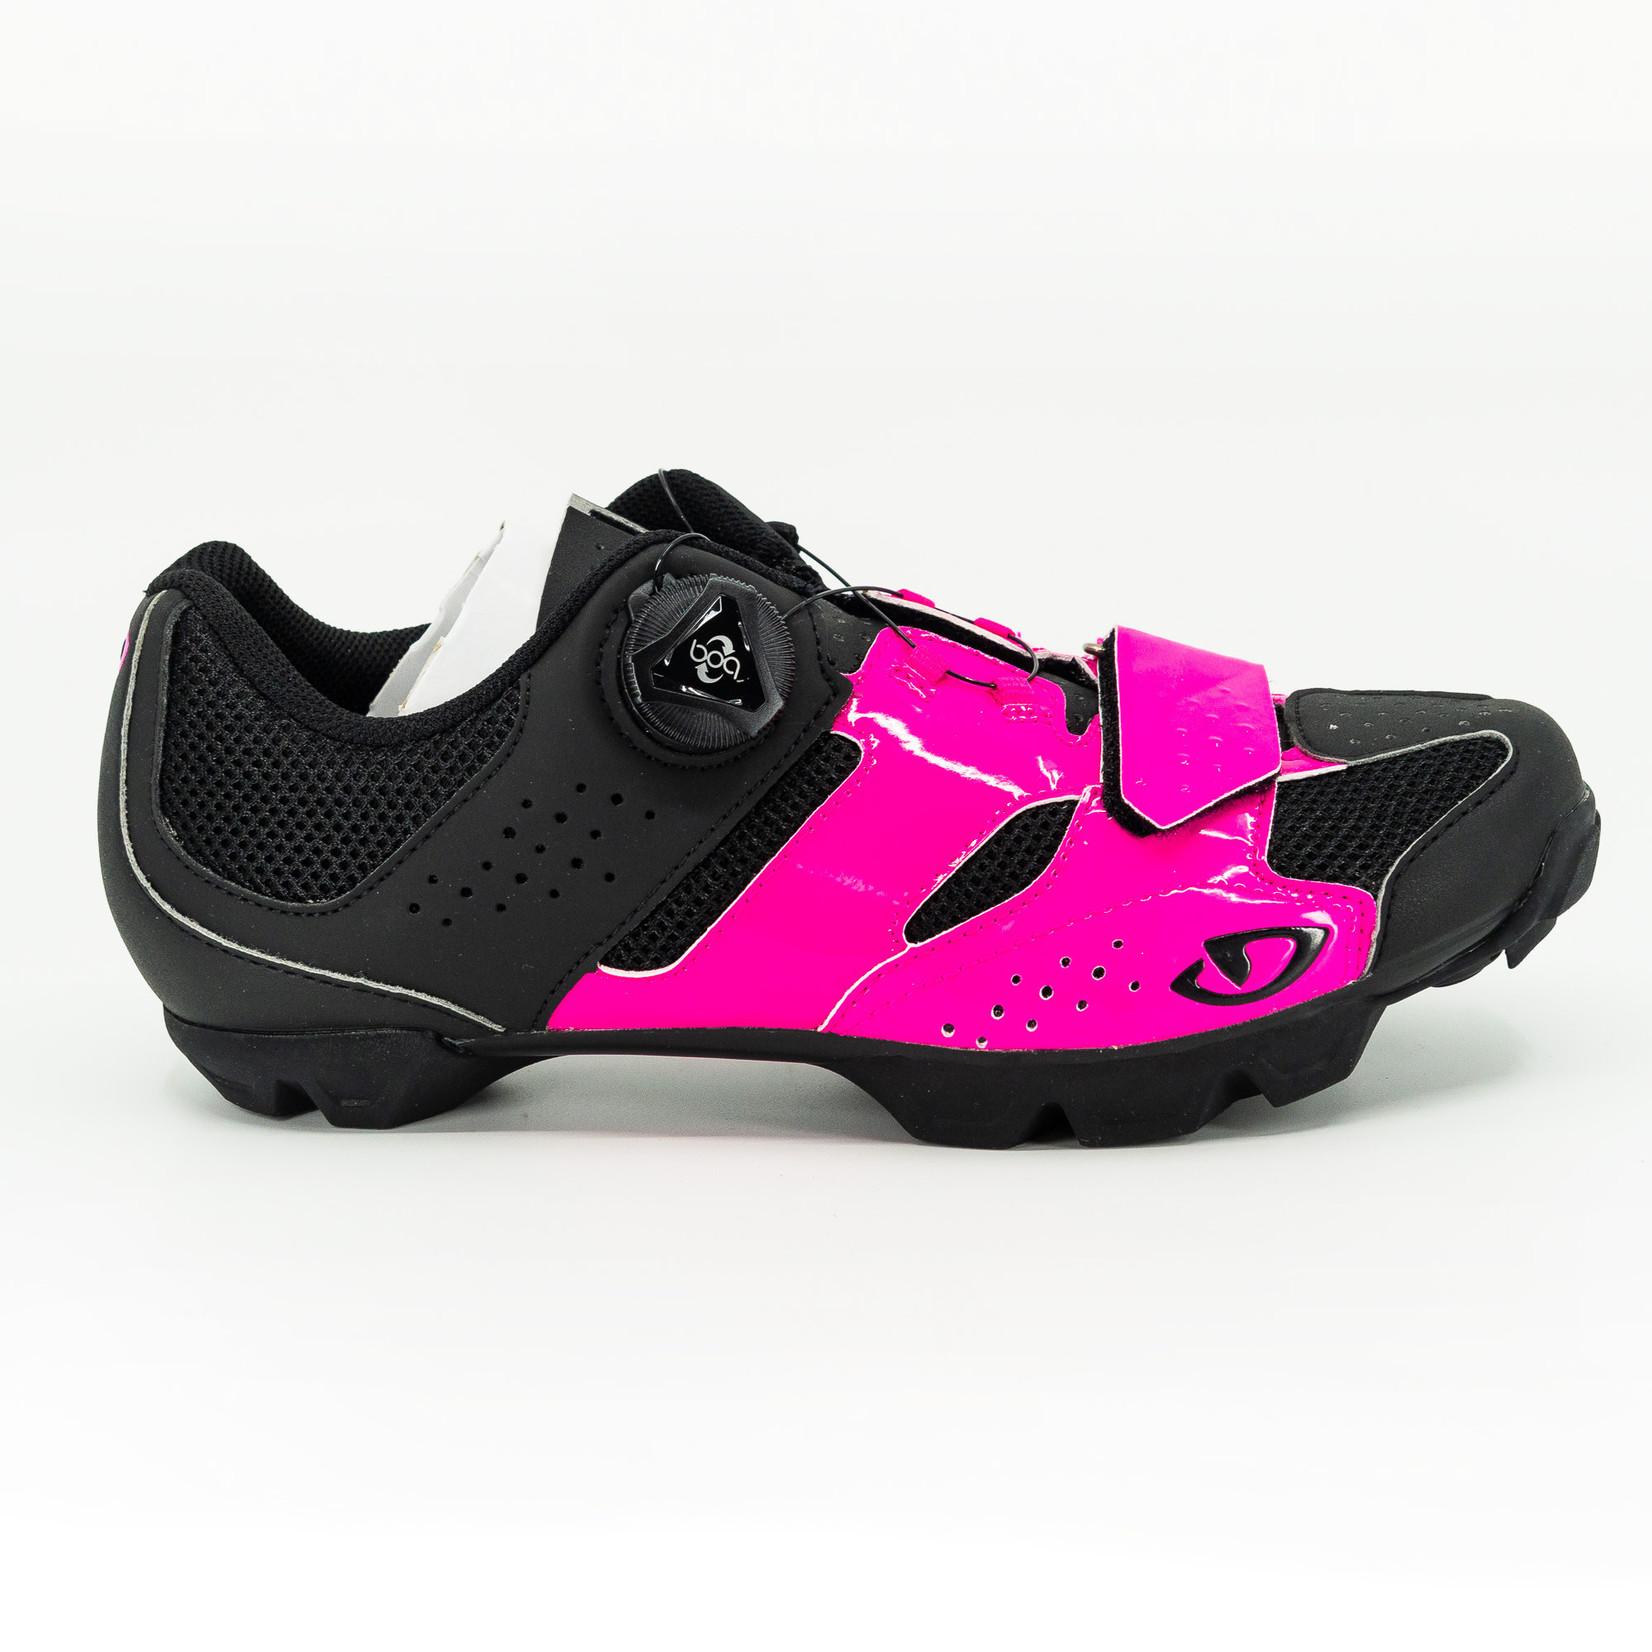 Giro Giro Cylinder Women's